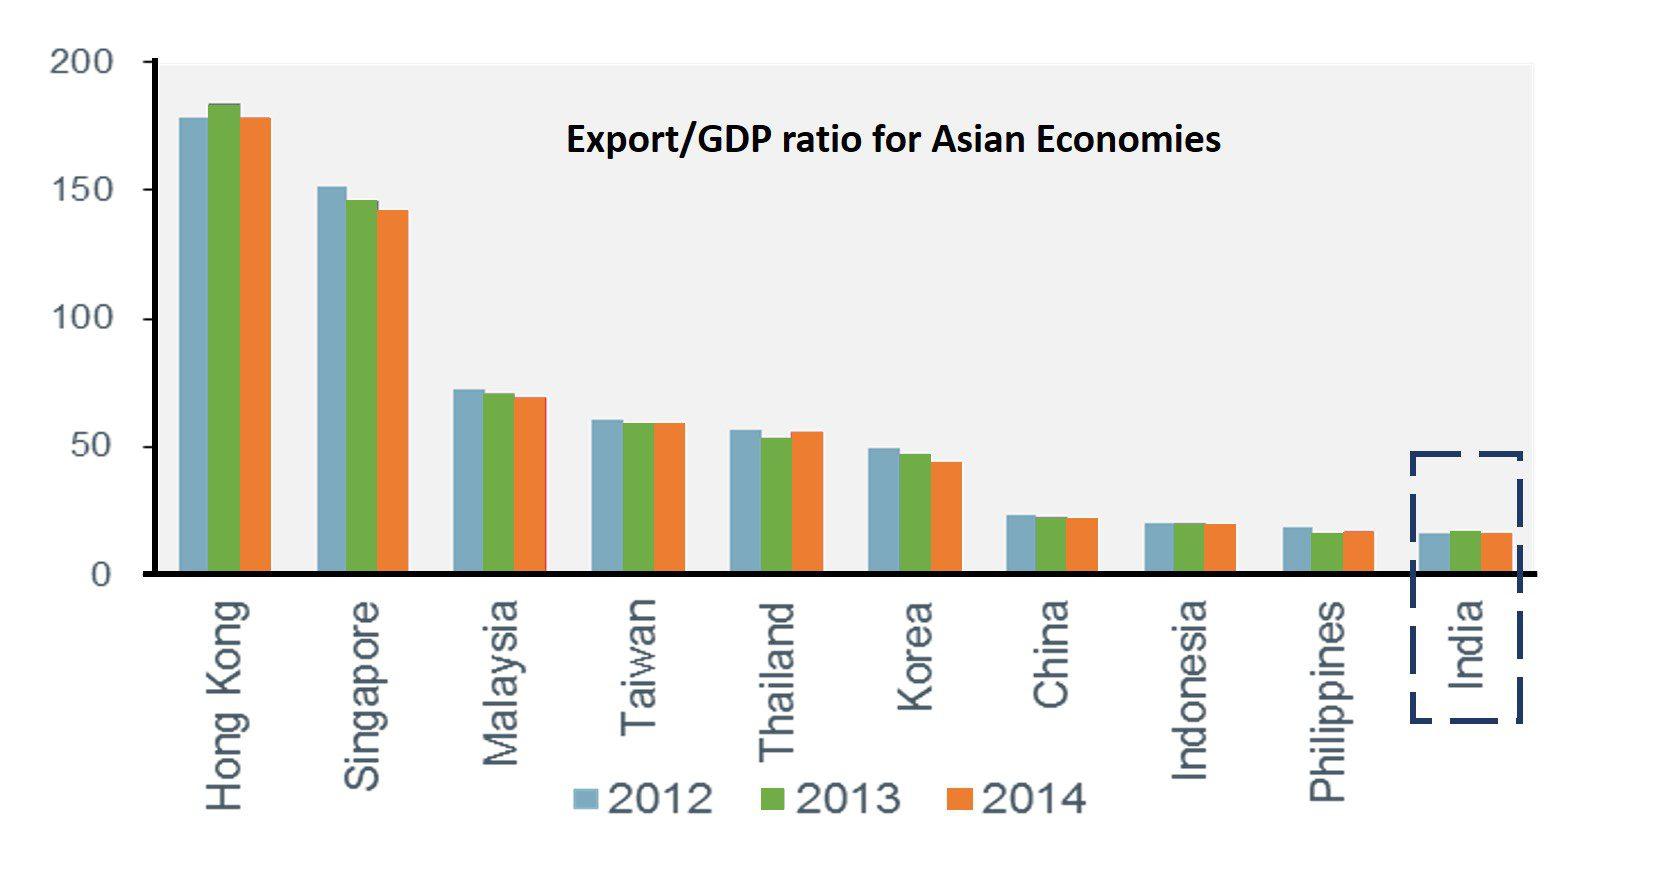 gdp-ratio-for-asian-economies-v2